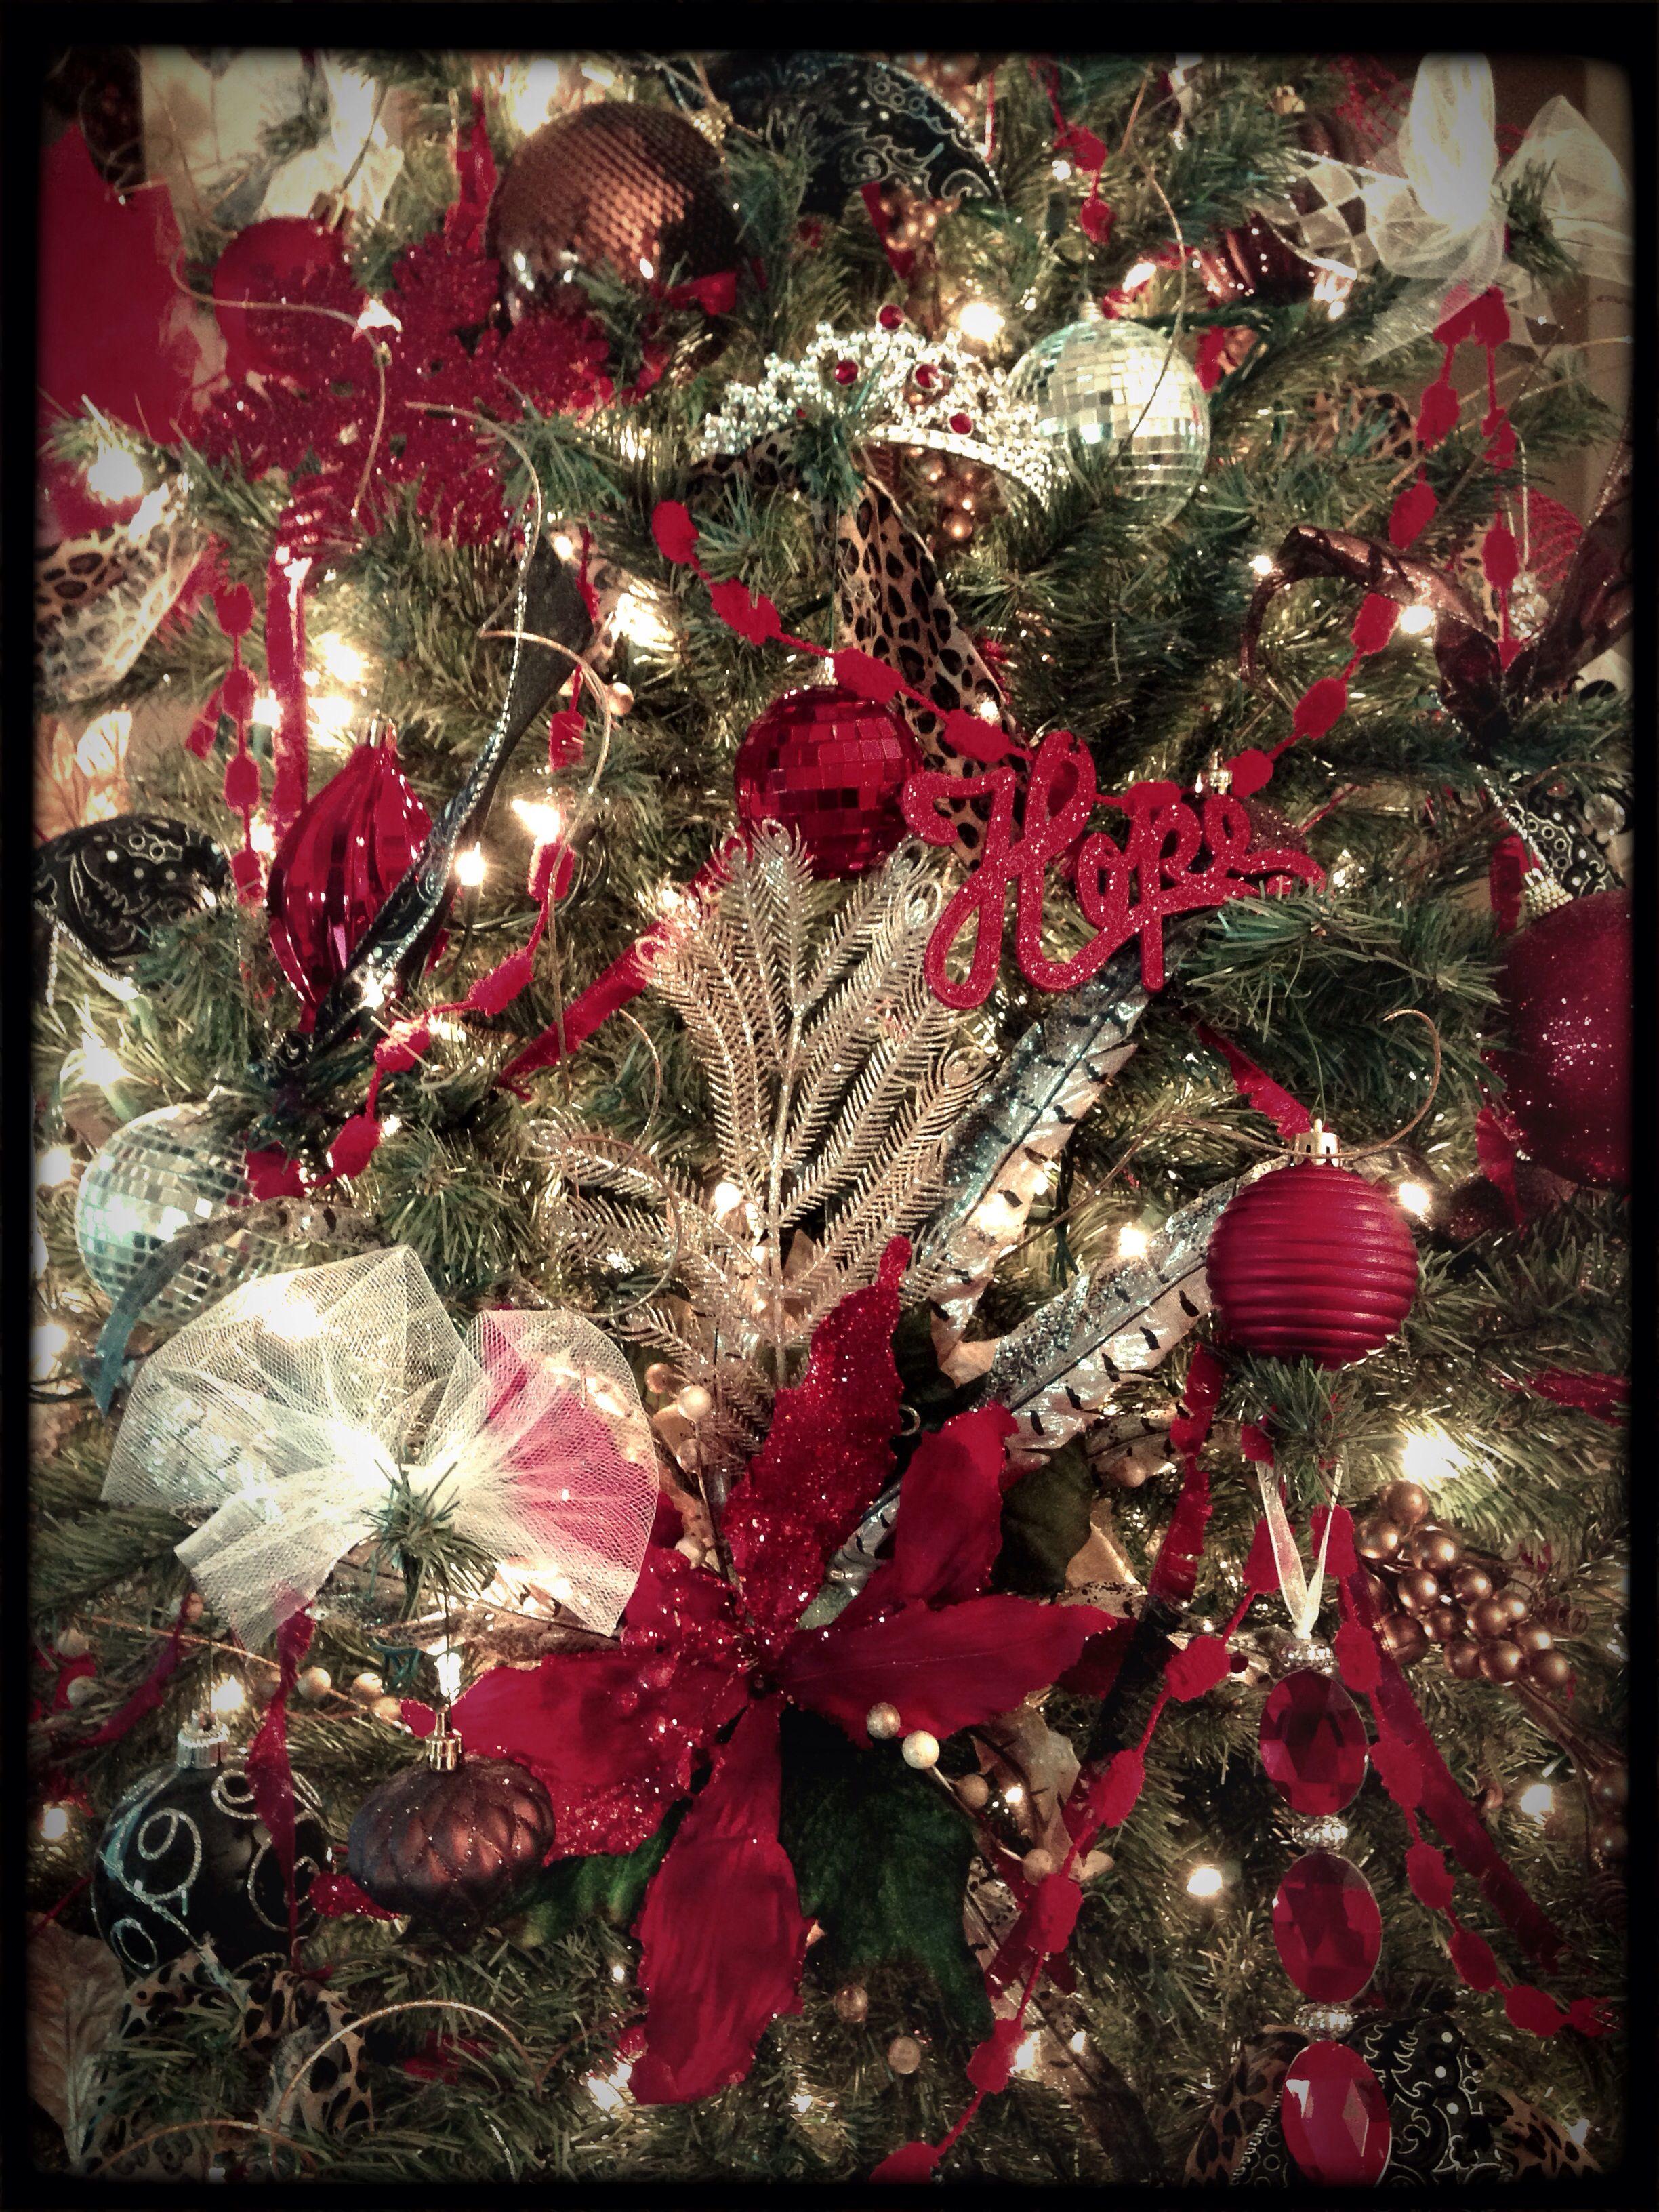 Non traditional christmas tree ideas - Non Traditional Christmas Tree Red Black Brown White